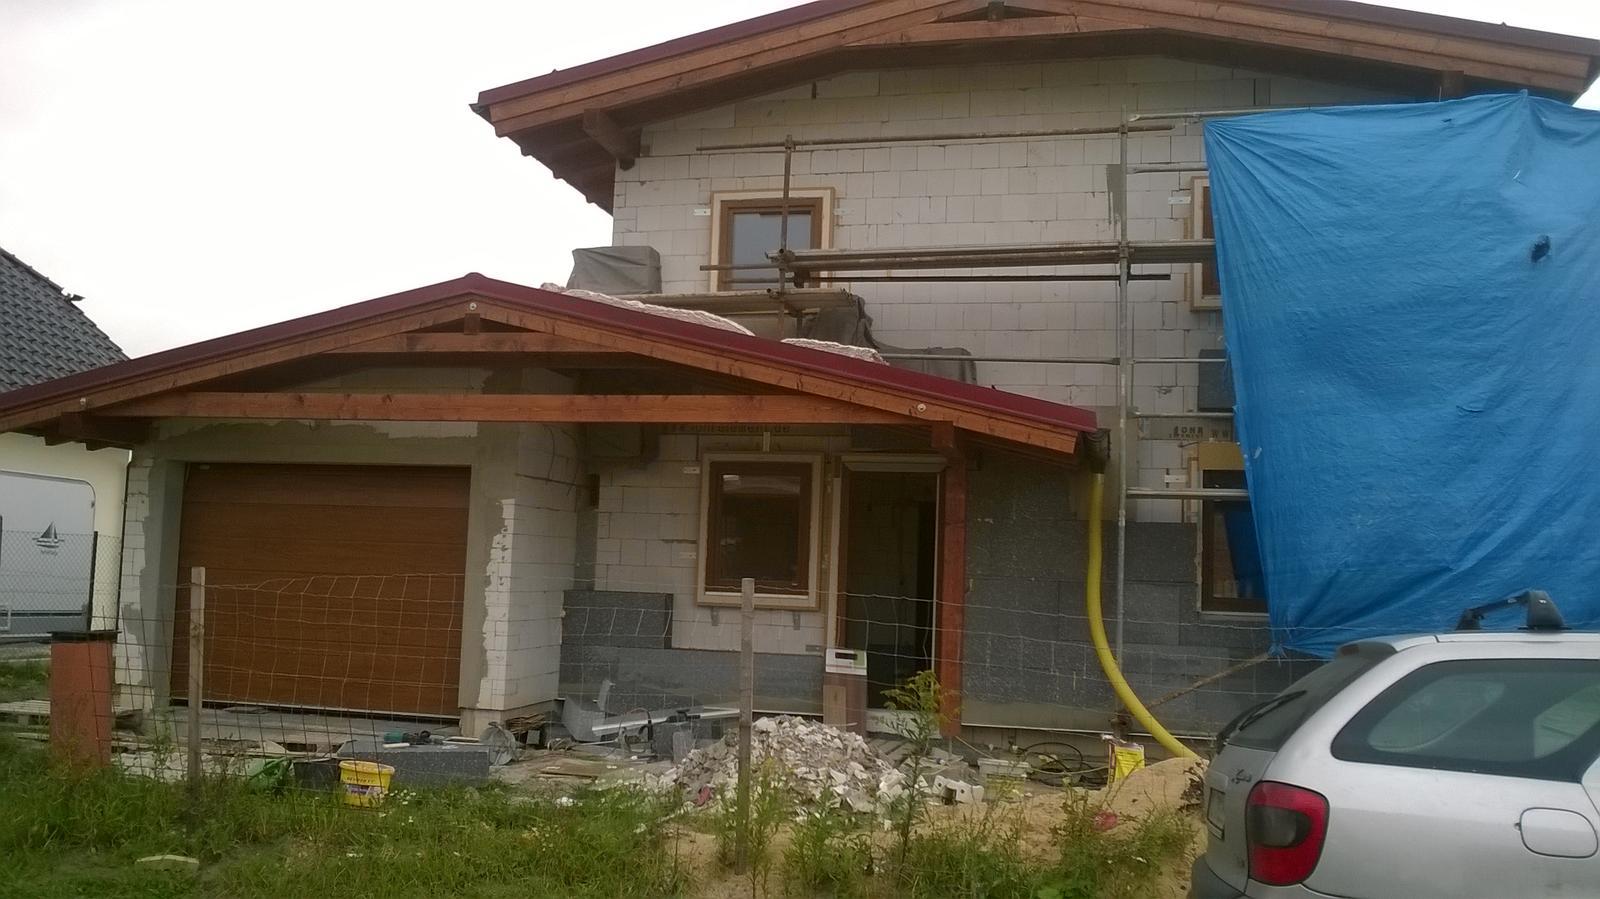 Stavba pasivního domu - Dorazila garážová vrata.Napodruhé. Pracuje se na venkovních izolacích.